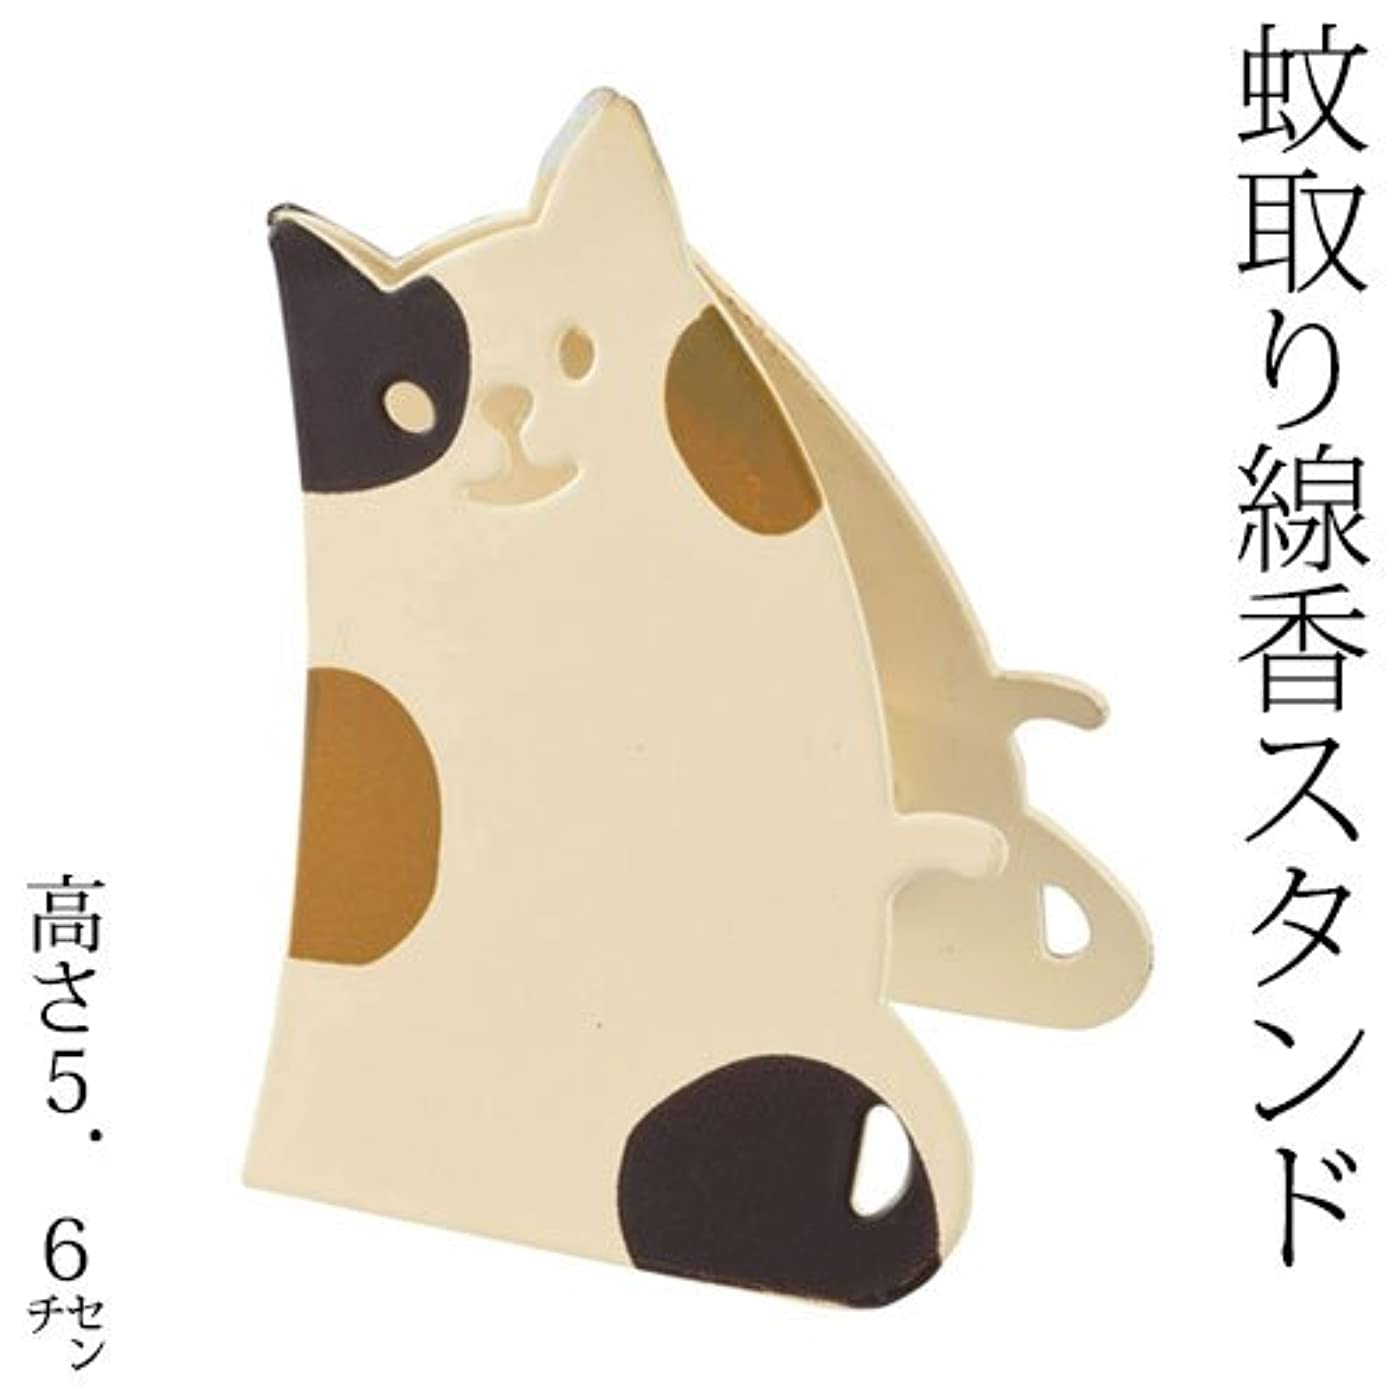 に状バンクDECOLE蚊取り線香クリップスタンド三毛猫 (SK-13935)Mosquito coil clip stand